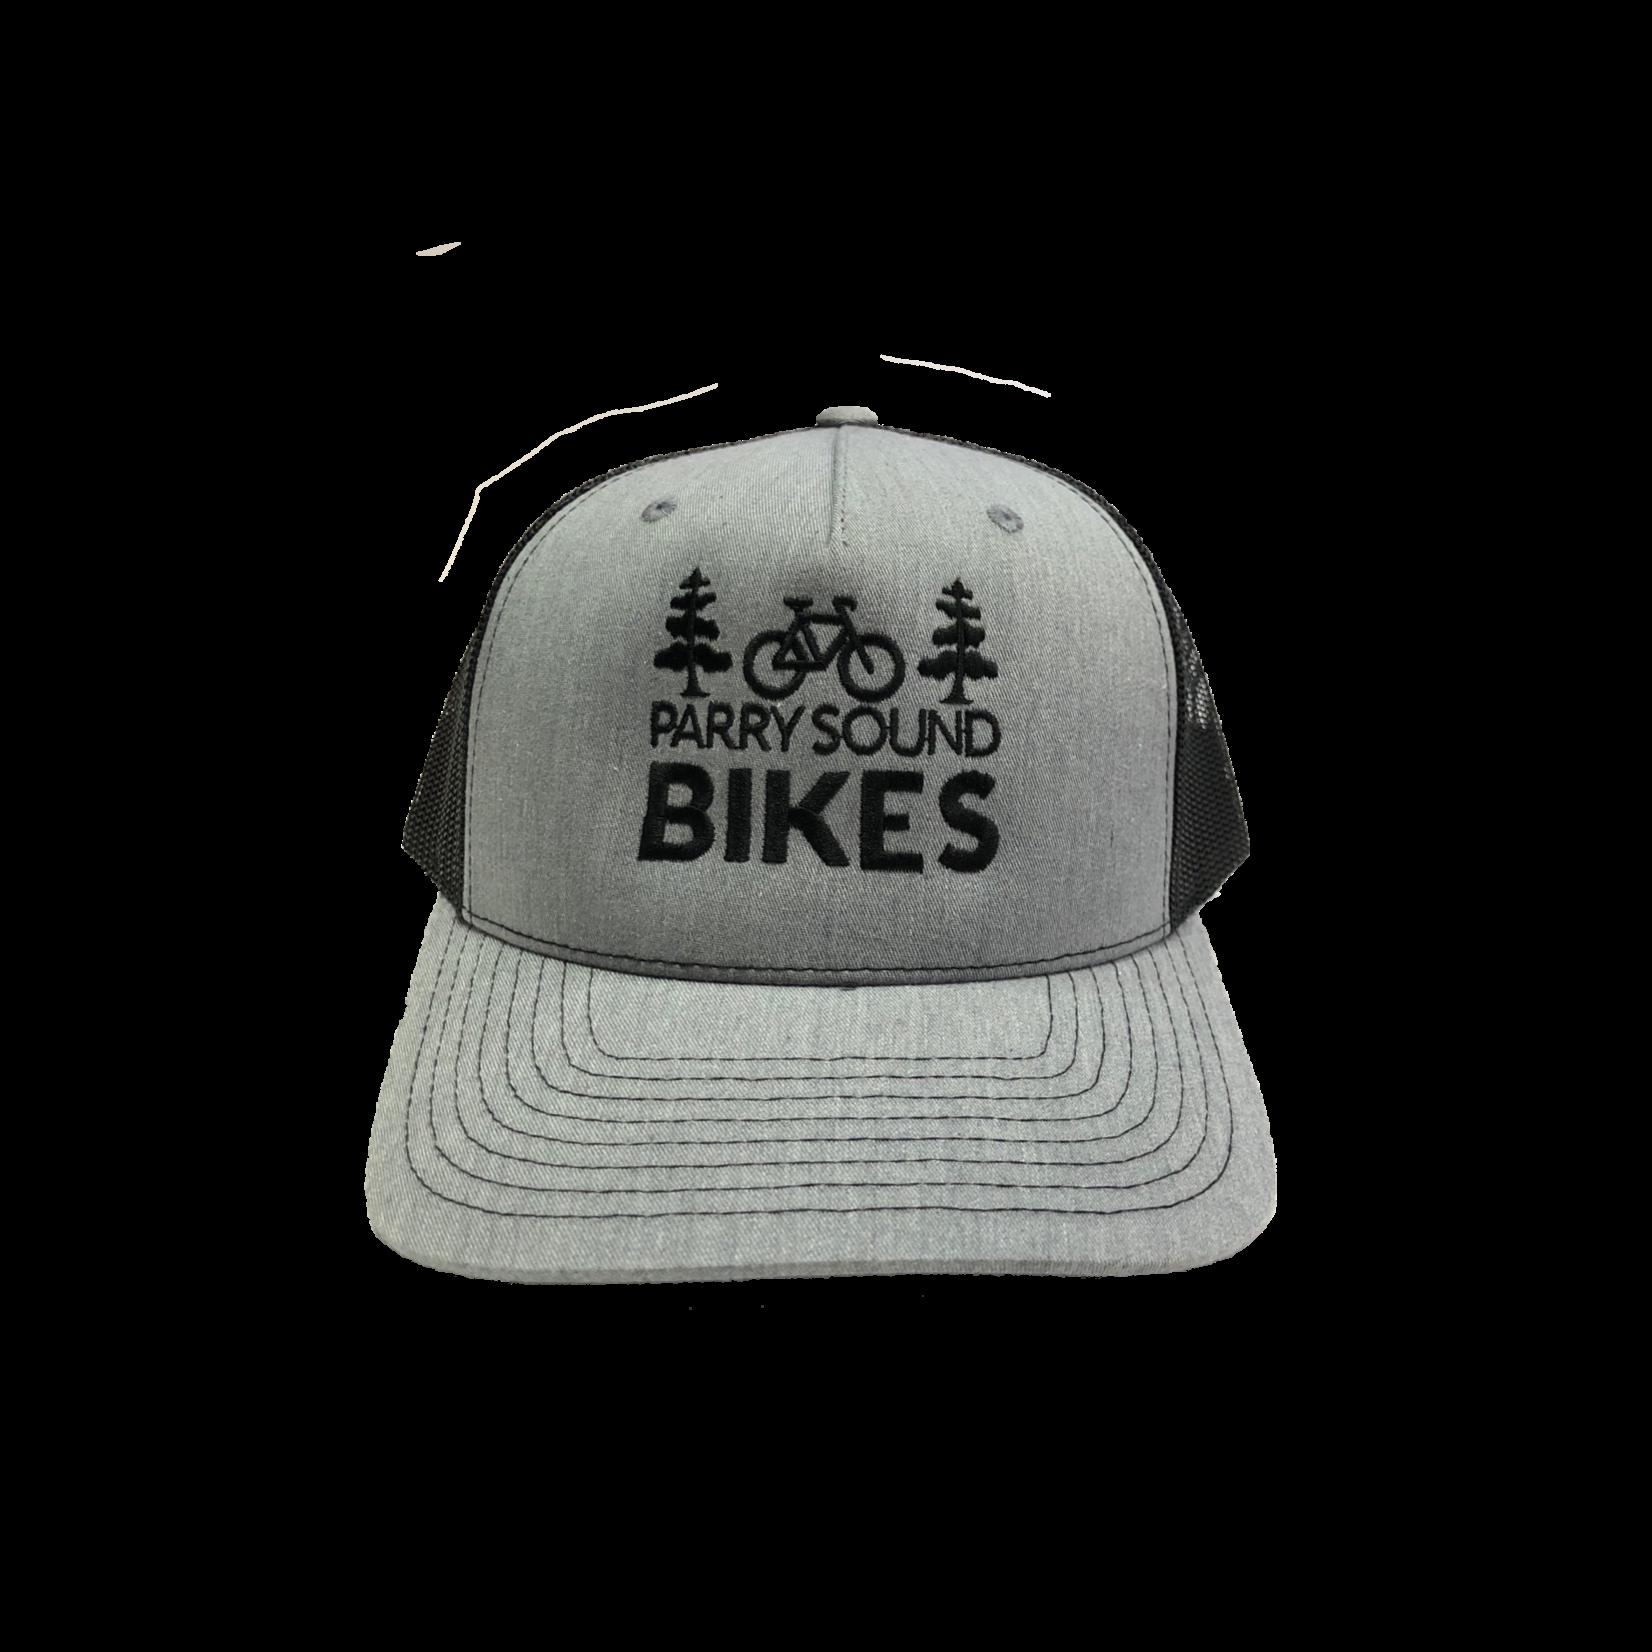 Parry Sound Bikes Parry Sound Bikes Mesh Back Hat, Black/ Grey